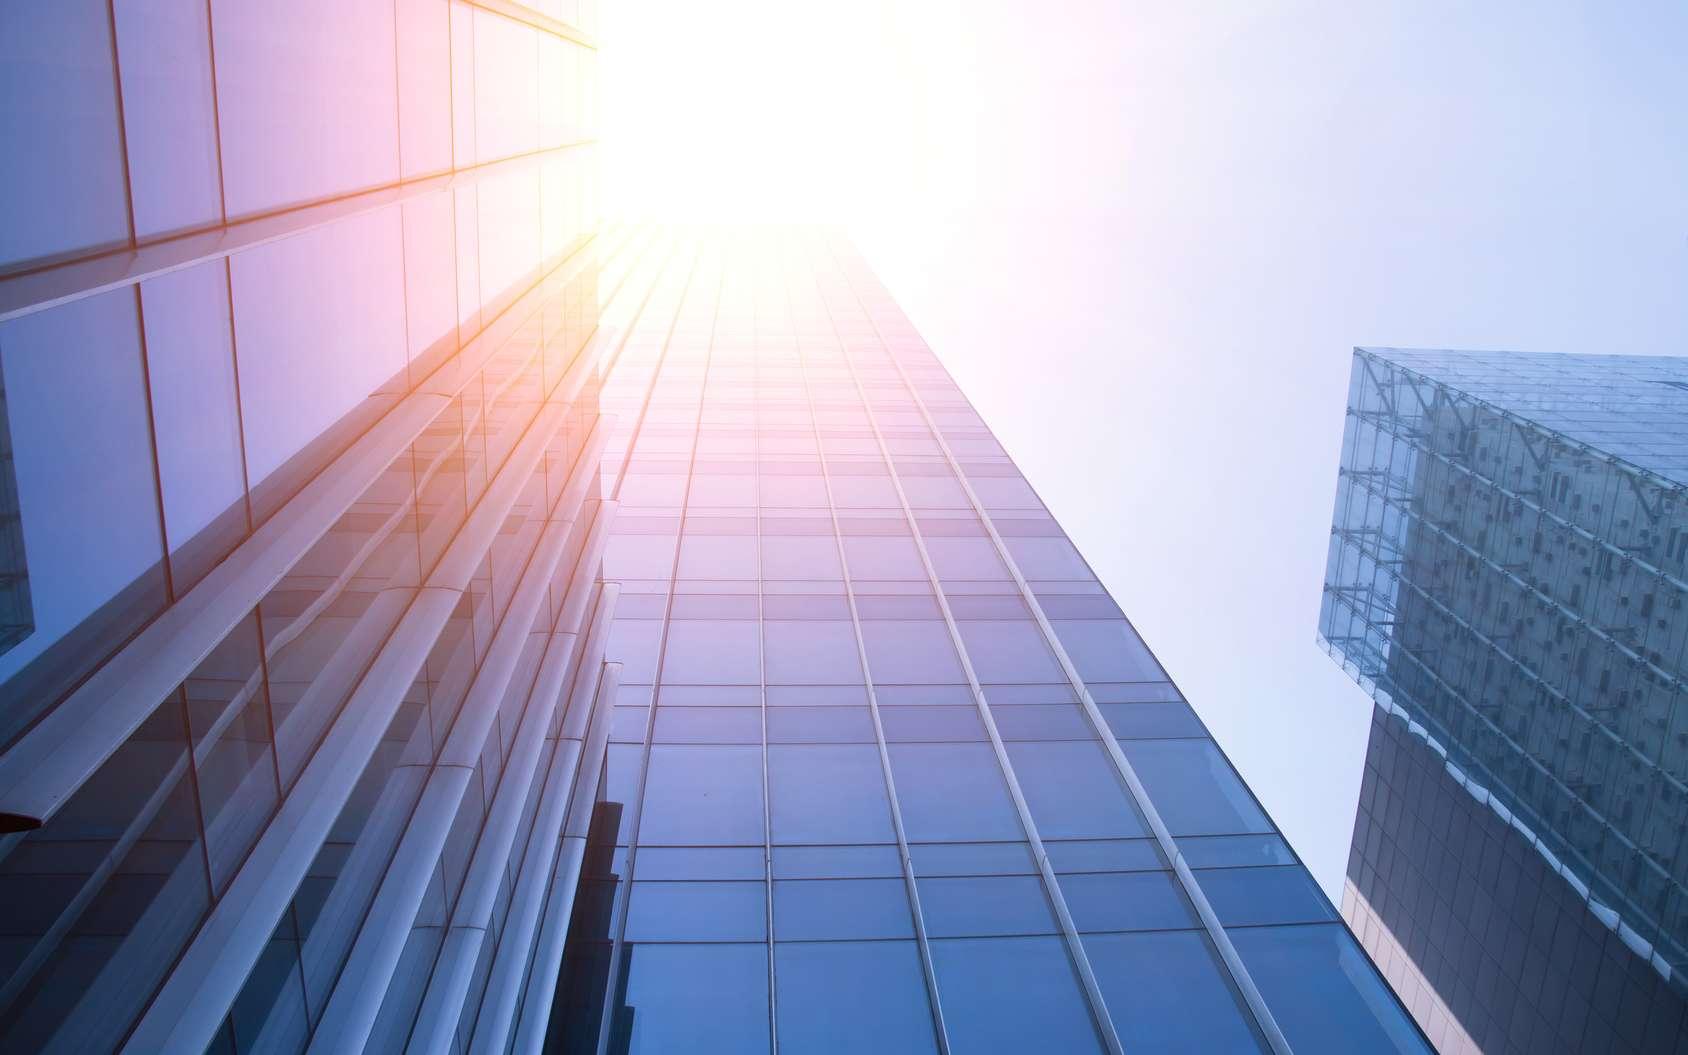 Une fenêtre filtrant la chaleur pour éviter la climatisation. © daizuoxin - Fotolia.com